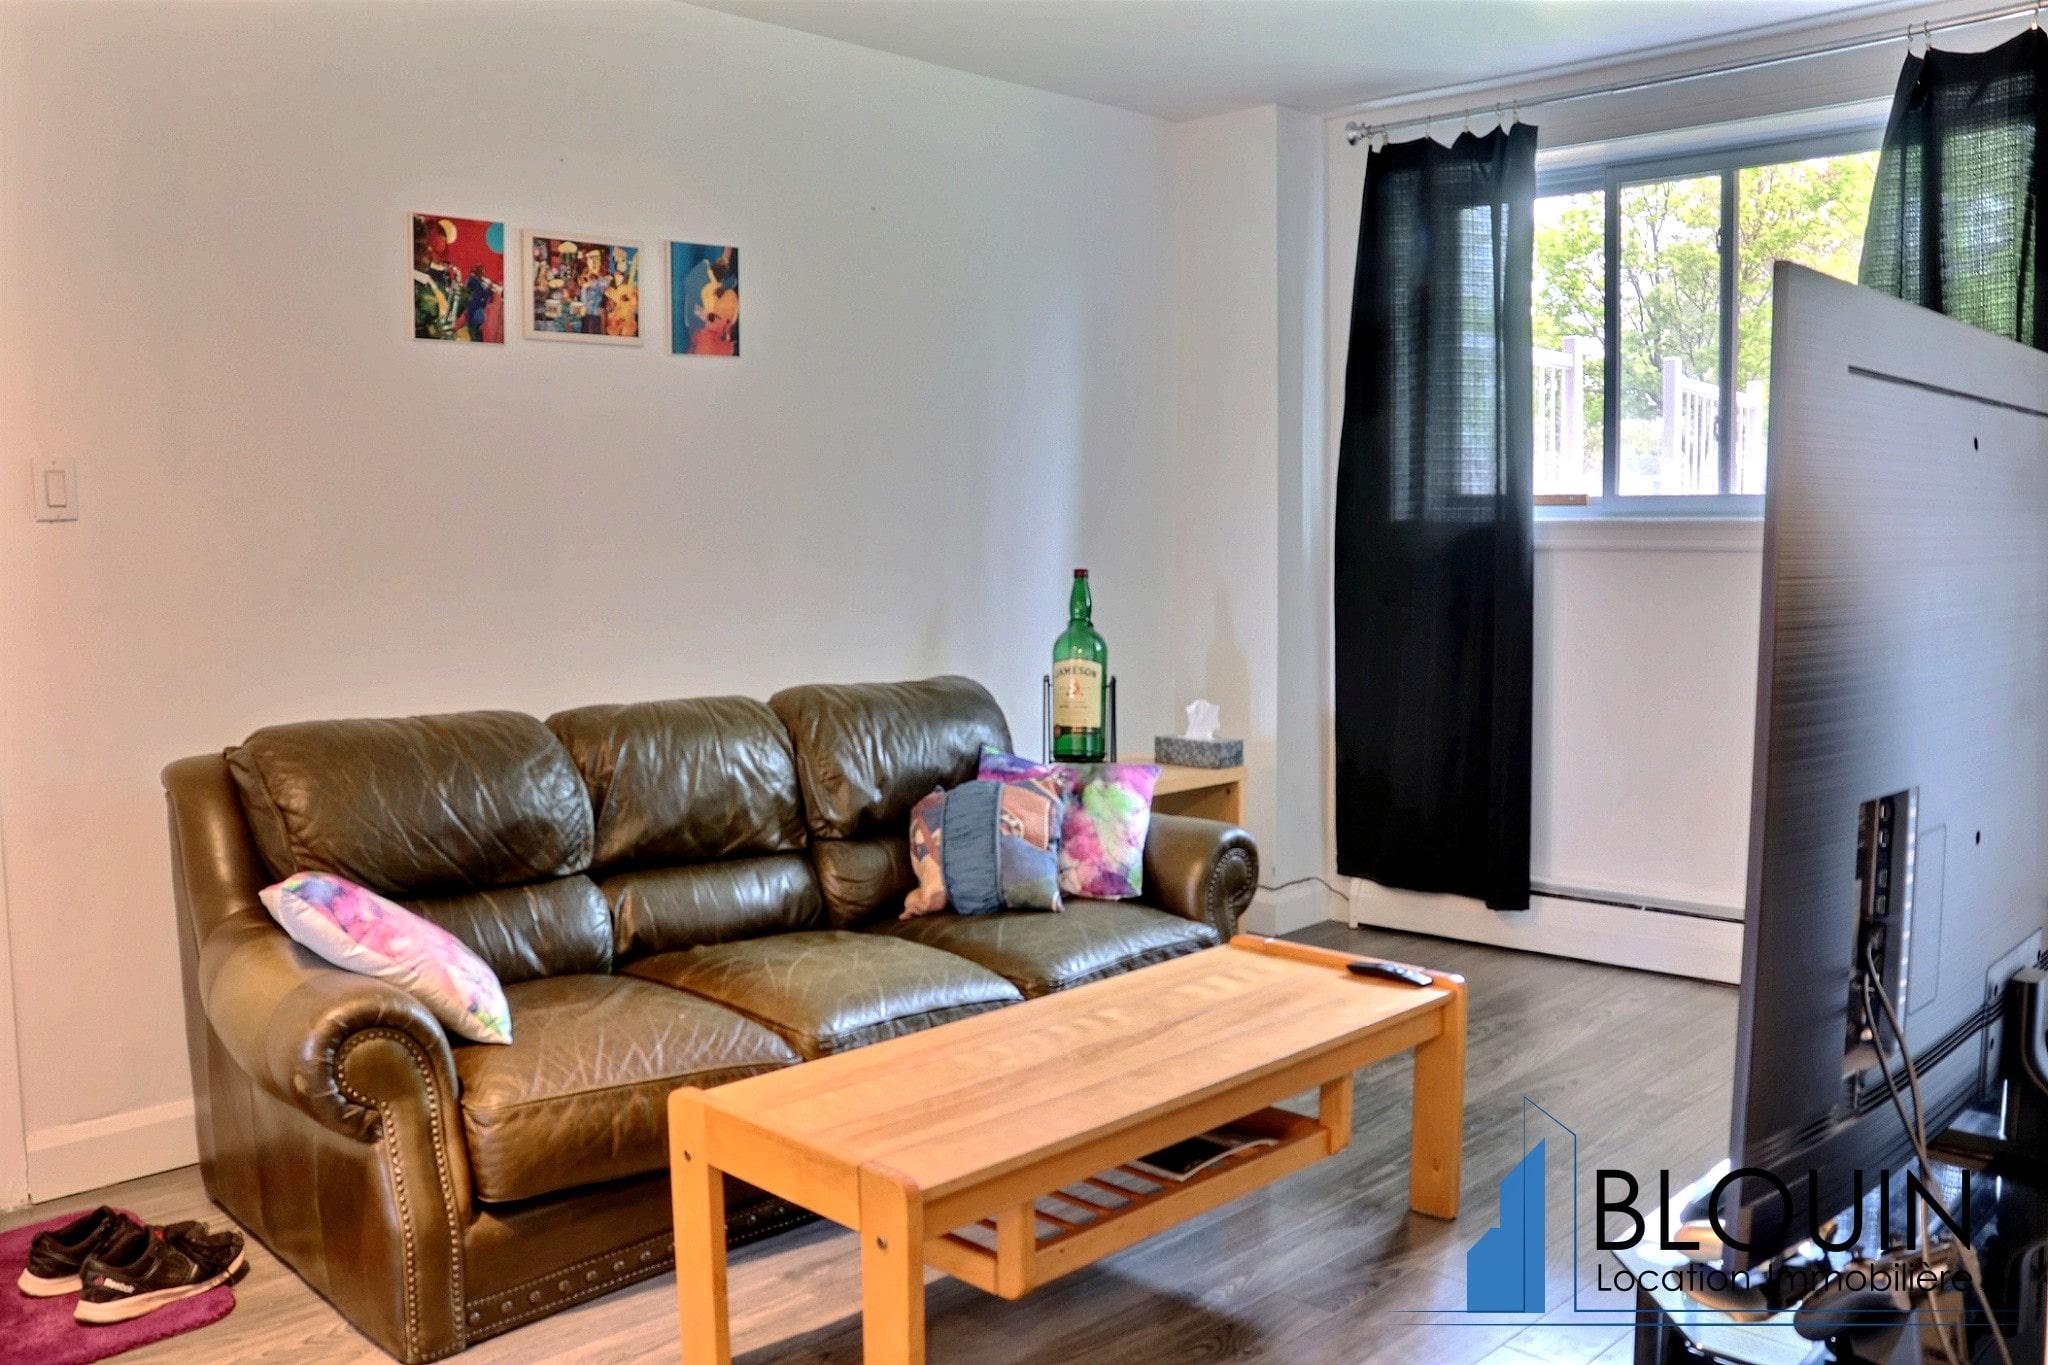 Photo 5 : 4 ½ à Charlesbourg, semi-meublé, pour Juin, Chauffage & eau chaude inclus + 2 Stationnements